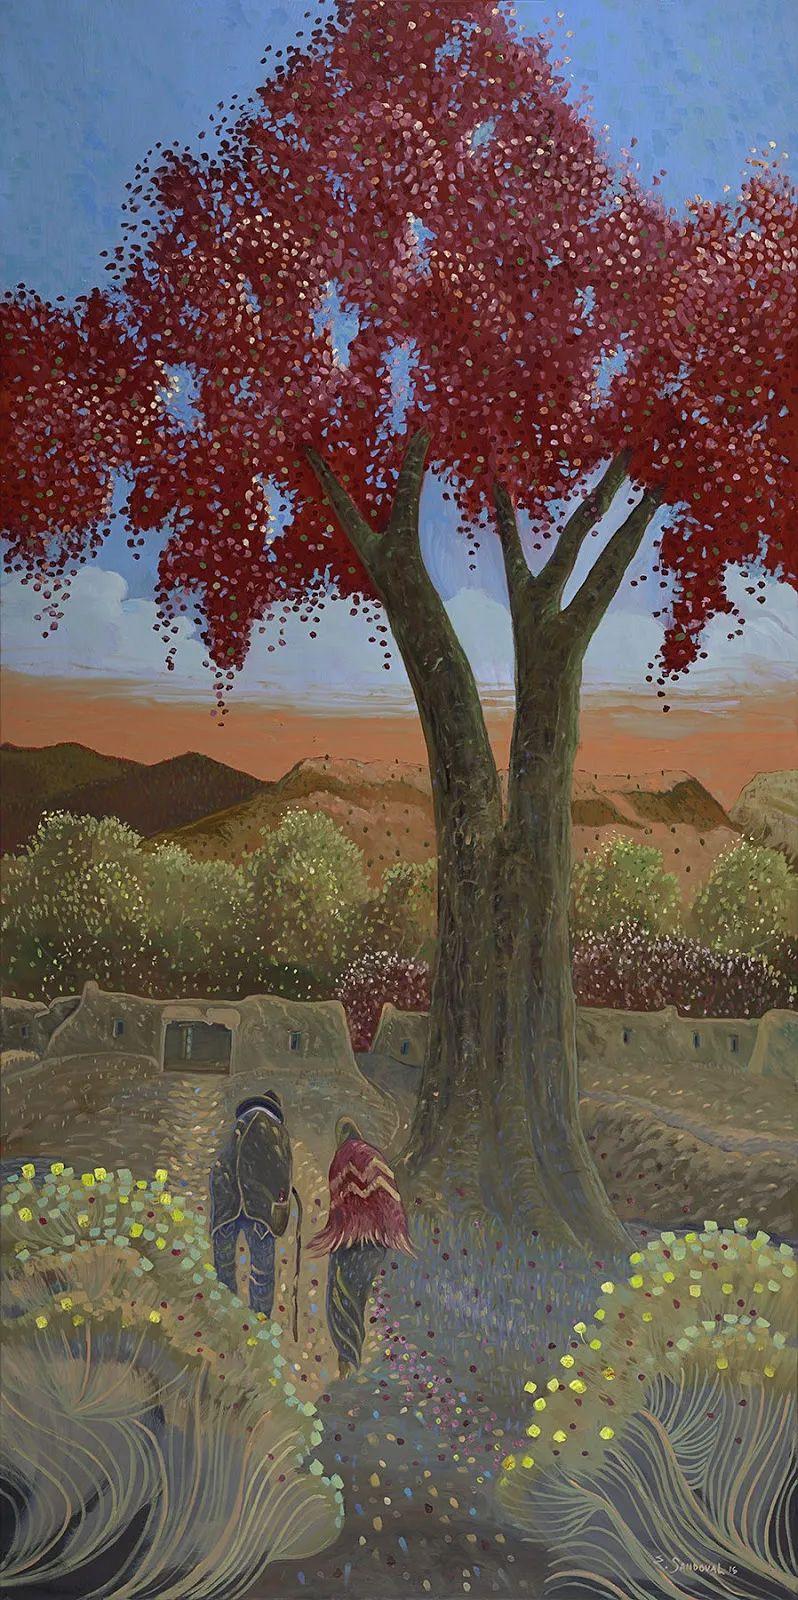 宁静的乡村景色,美丽的色彩!插图143